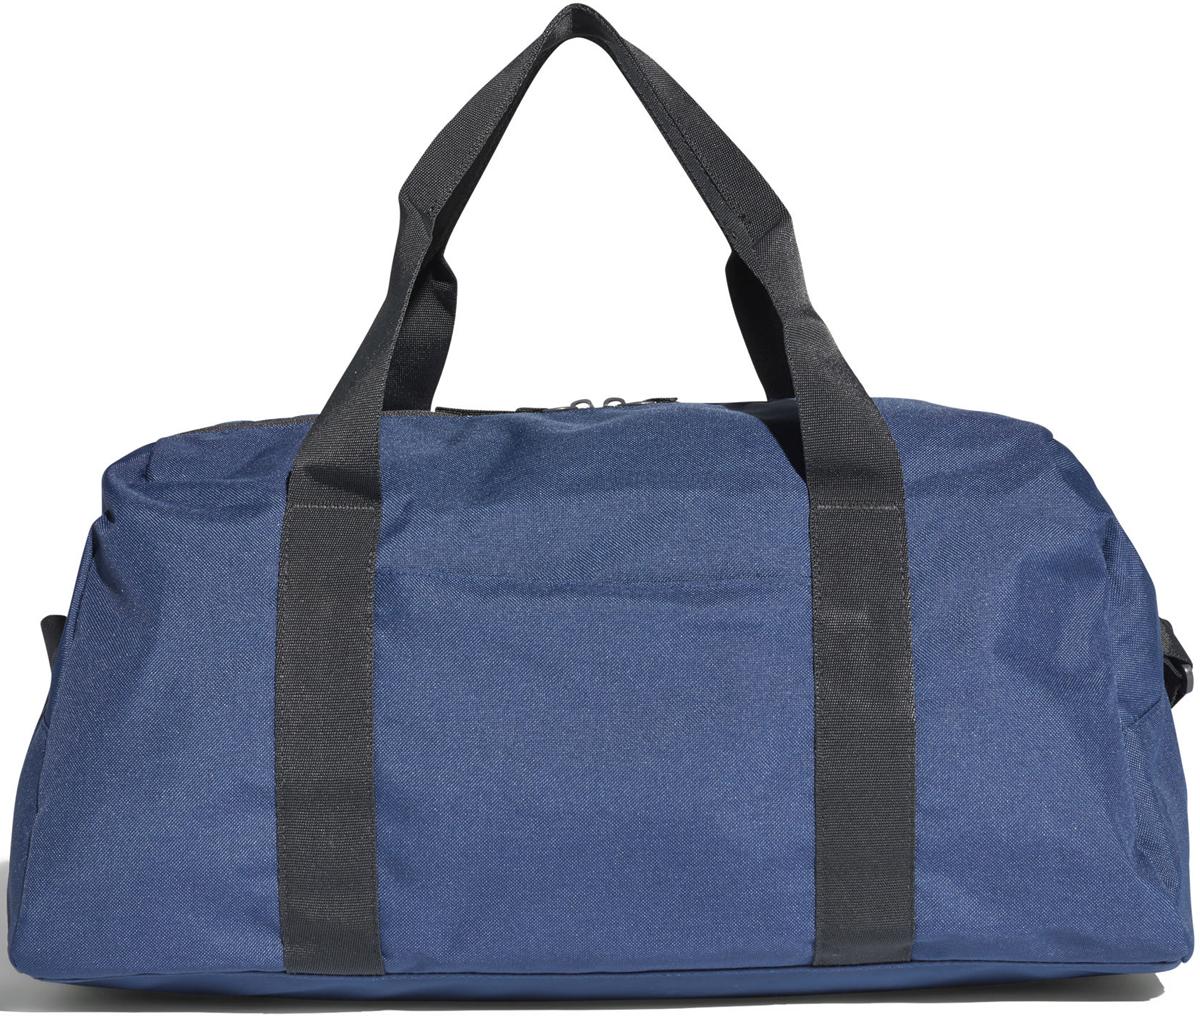 Сумка спортивная женская Adidas W TR CO DUF S, цвет: синий, 24 л. CF5213CF5213Эта женская спортивная сумка вмещает всю необходимую экипировку. Модельс большим основным отделением выполнена из прочного полиэстера идополнена множеством карманом для полезных мелочей. Модель имеетосновное отделение на молнии, сетчатые передние карманы, потайной заднийкарман на молнии. Внутри два открытых кармана. Сумка снабжена двойнымиручками и регулируемым наплечным ремнем. Модель декорированалоготипом adidas на лицевой стороне.